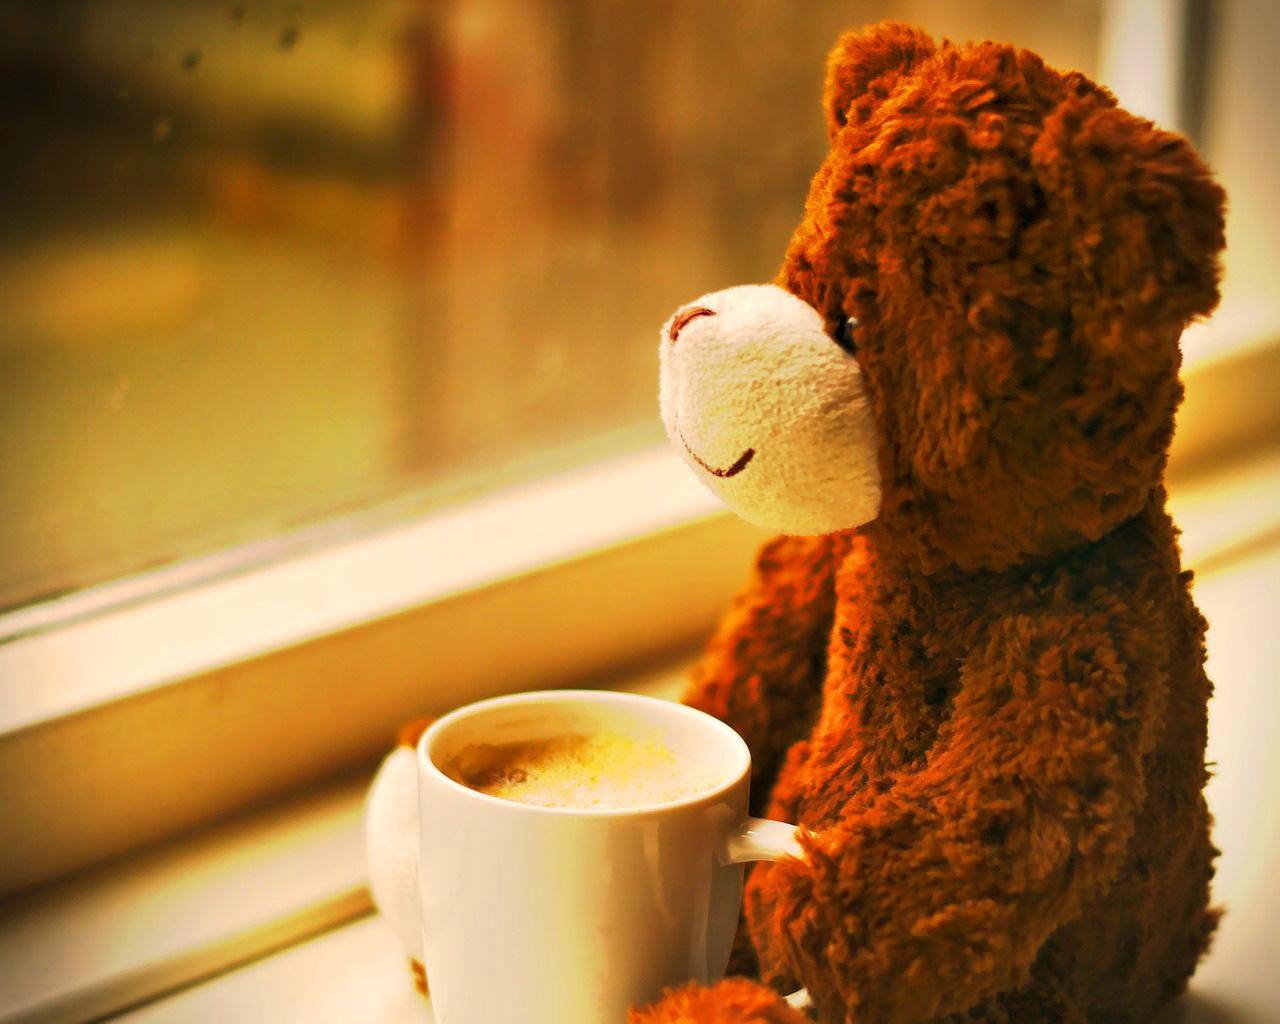 Teaddy bear Photo 20